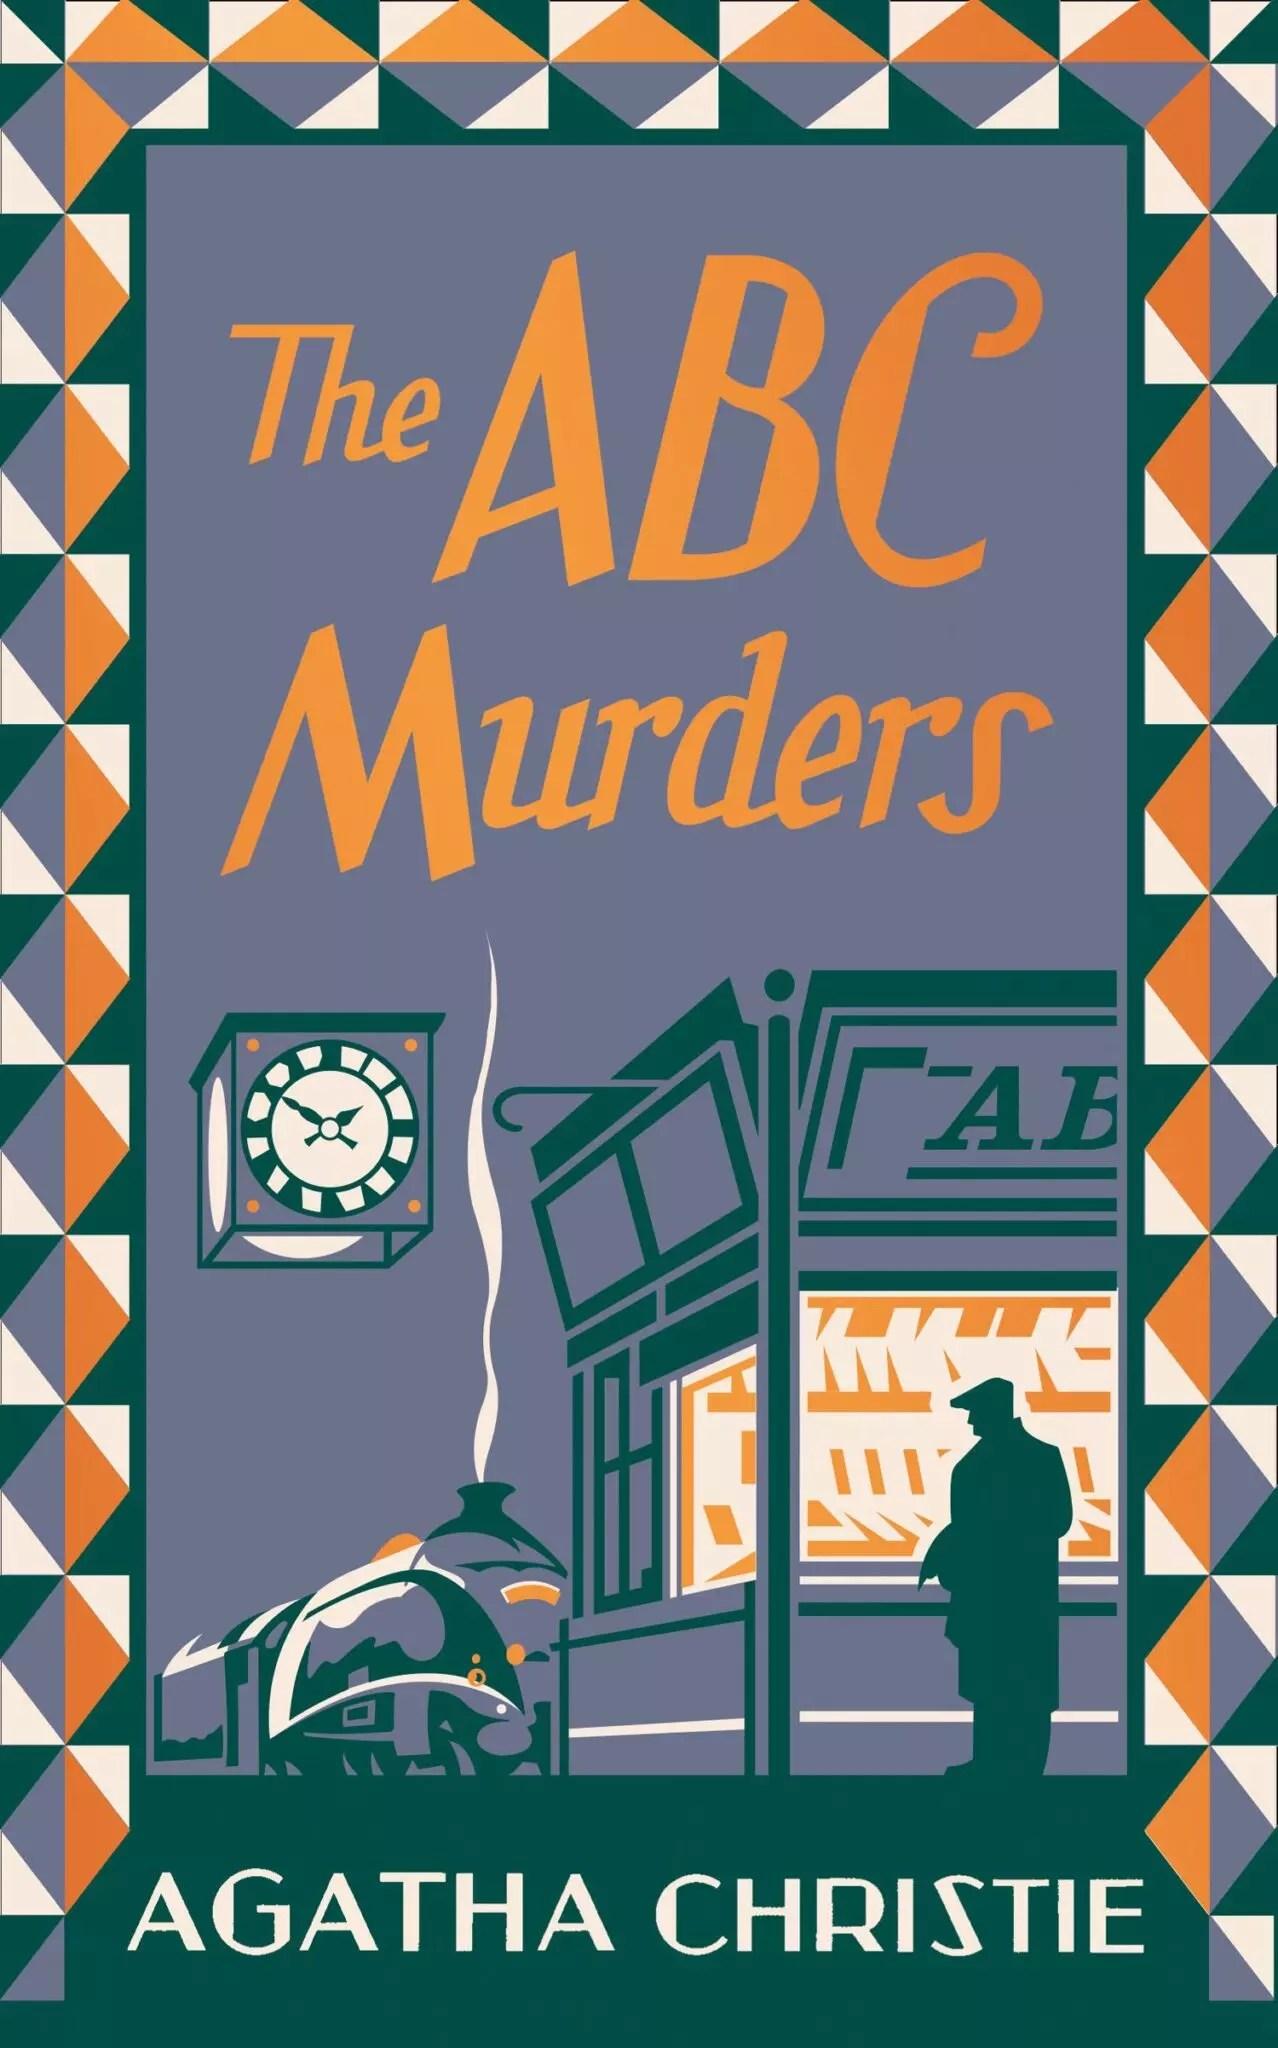 agatha christie se abc murders cover